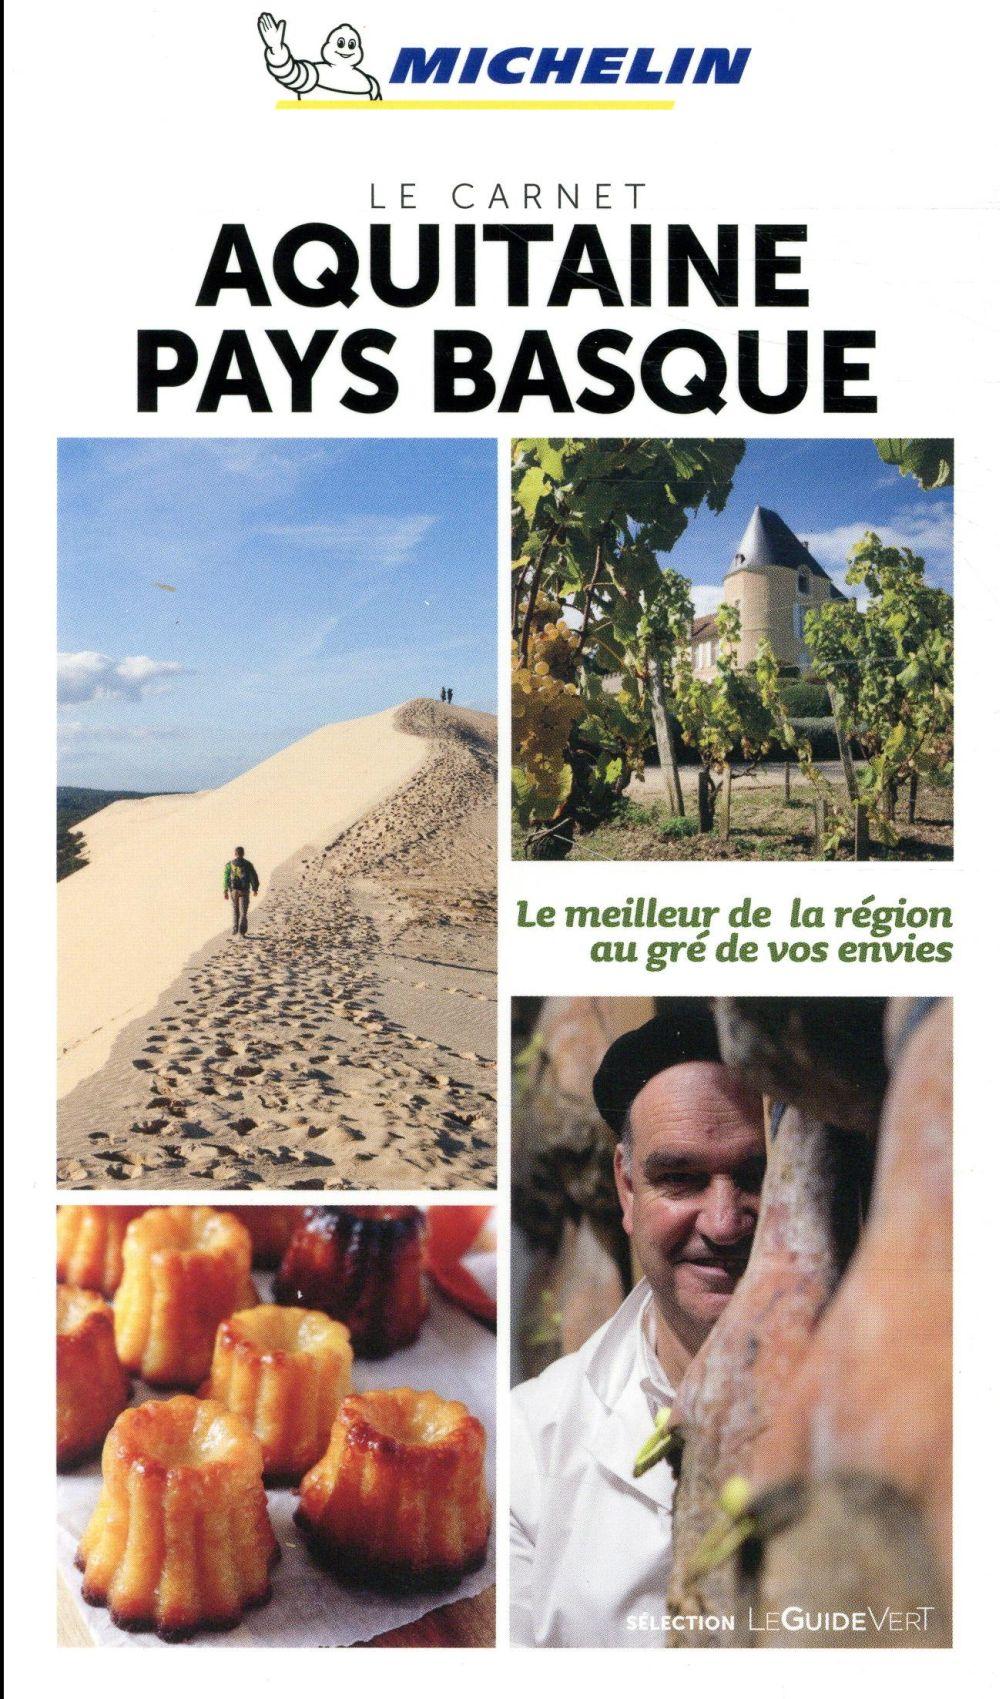 LE CARNET - AQUITAINE PAYS BASQUE XXX MICHELIN